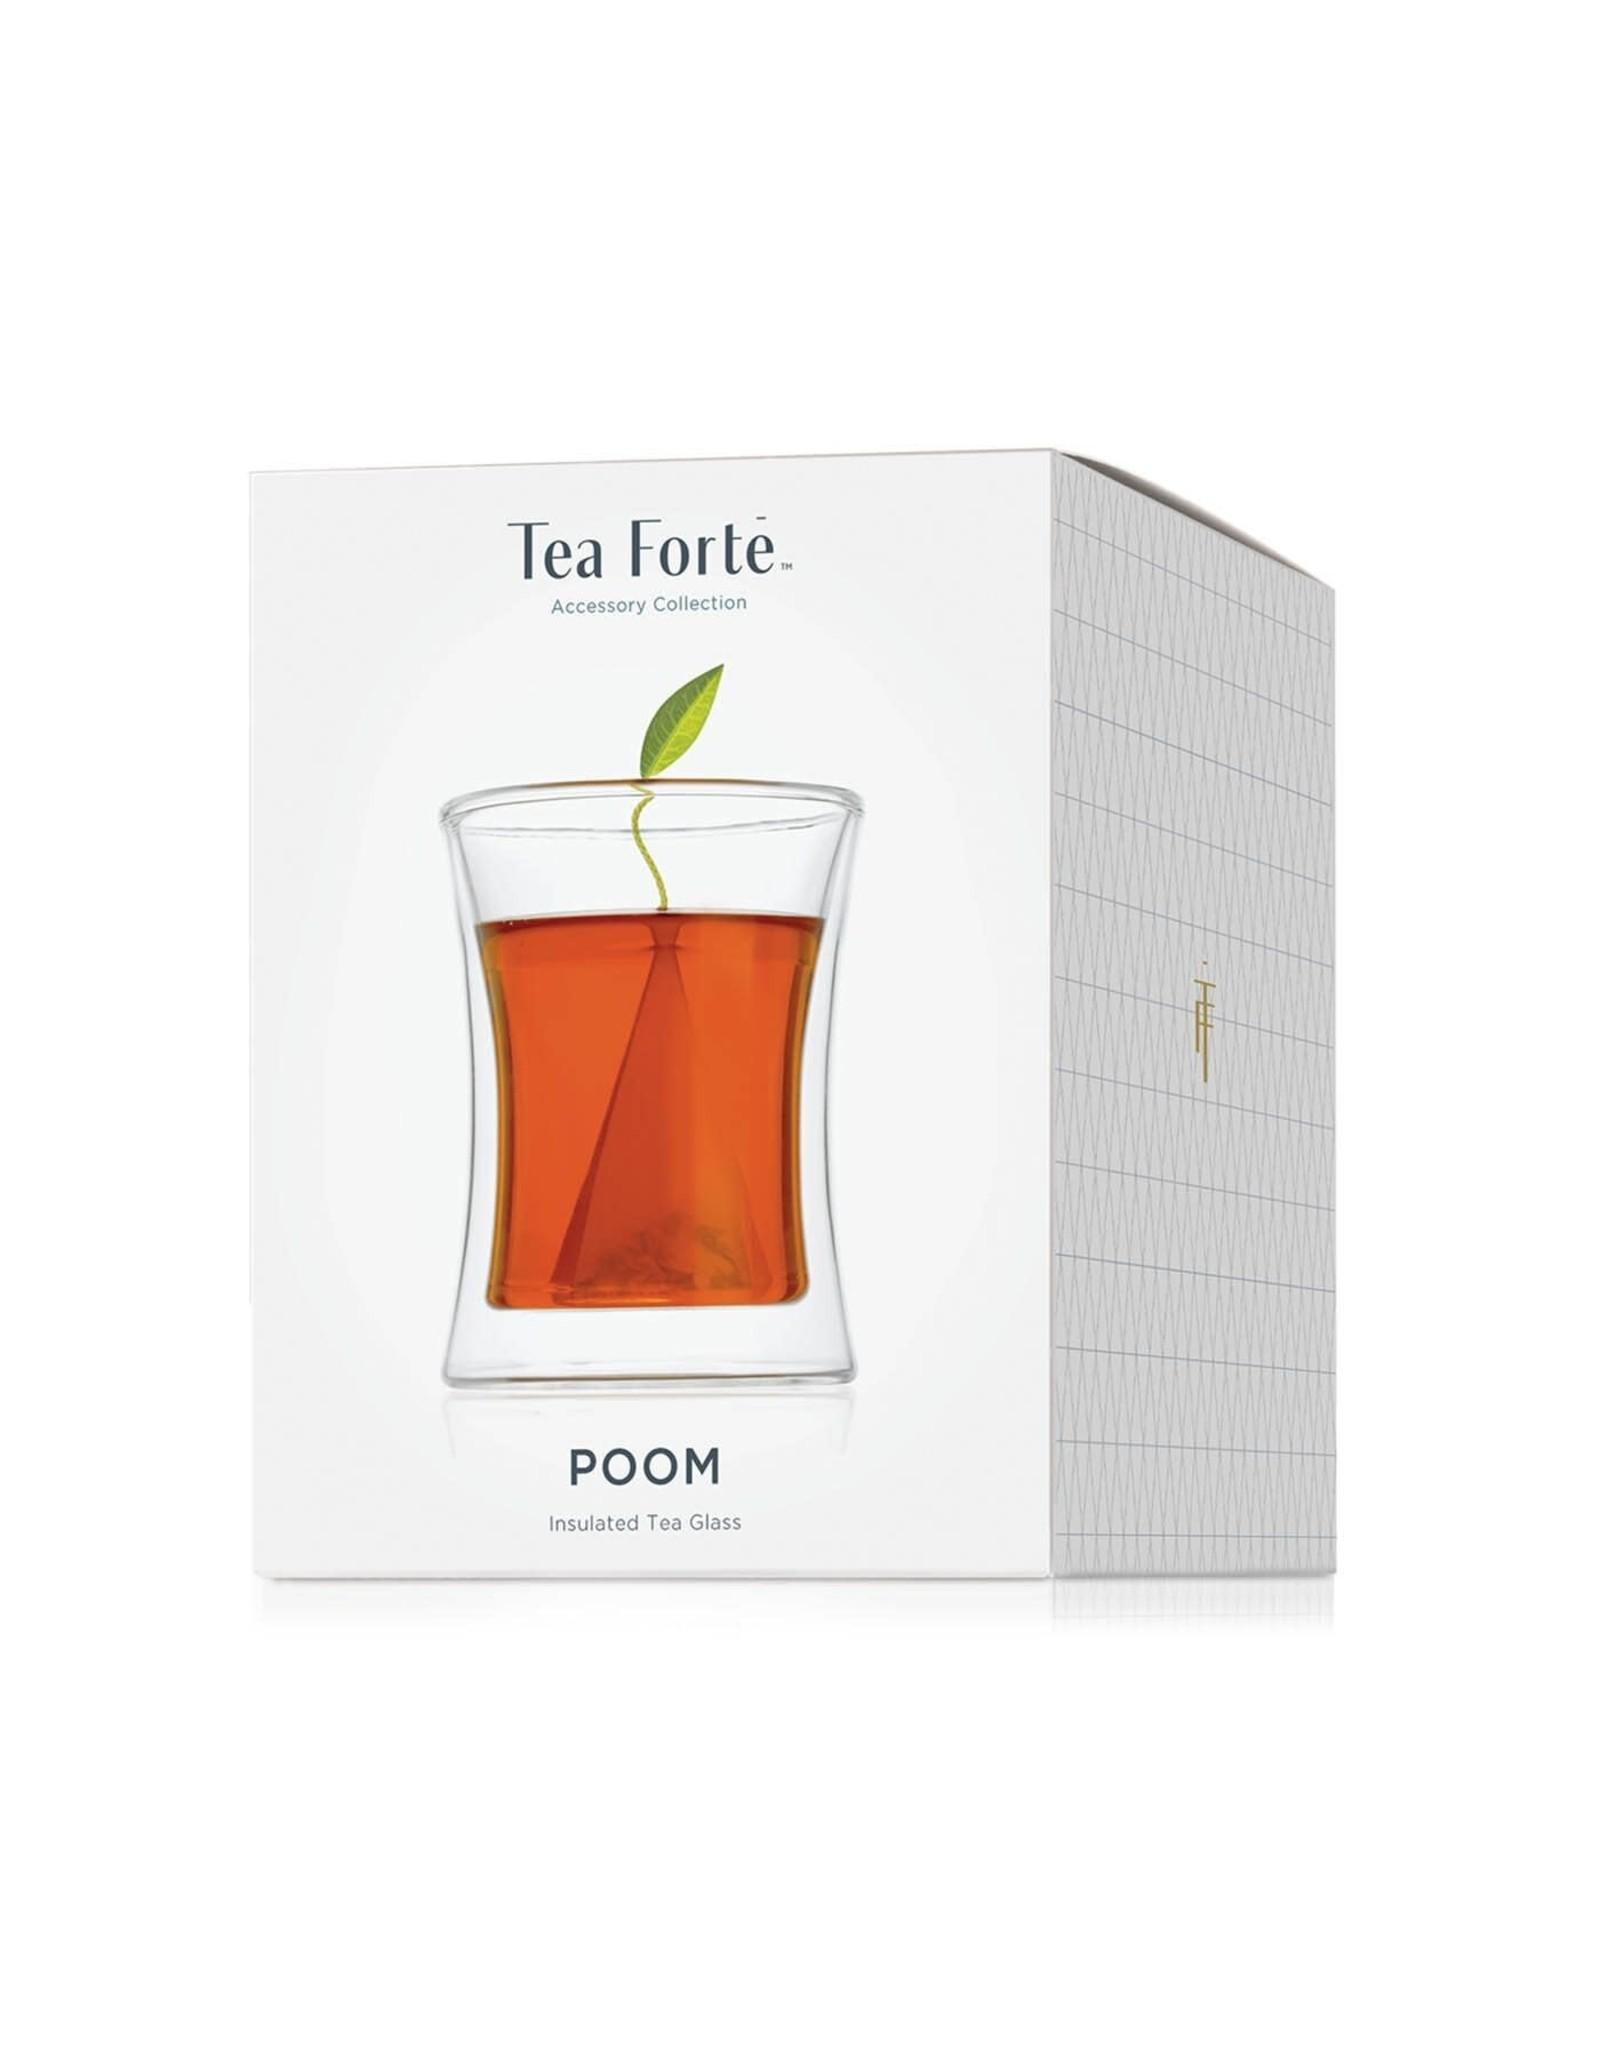 Tea Forte Double Wall Tea Glass